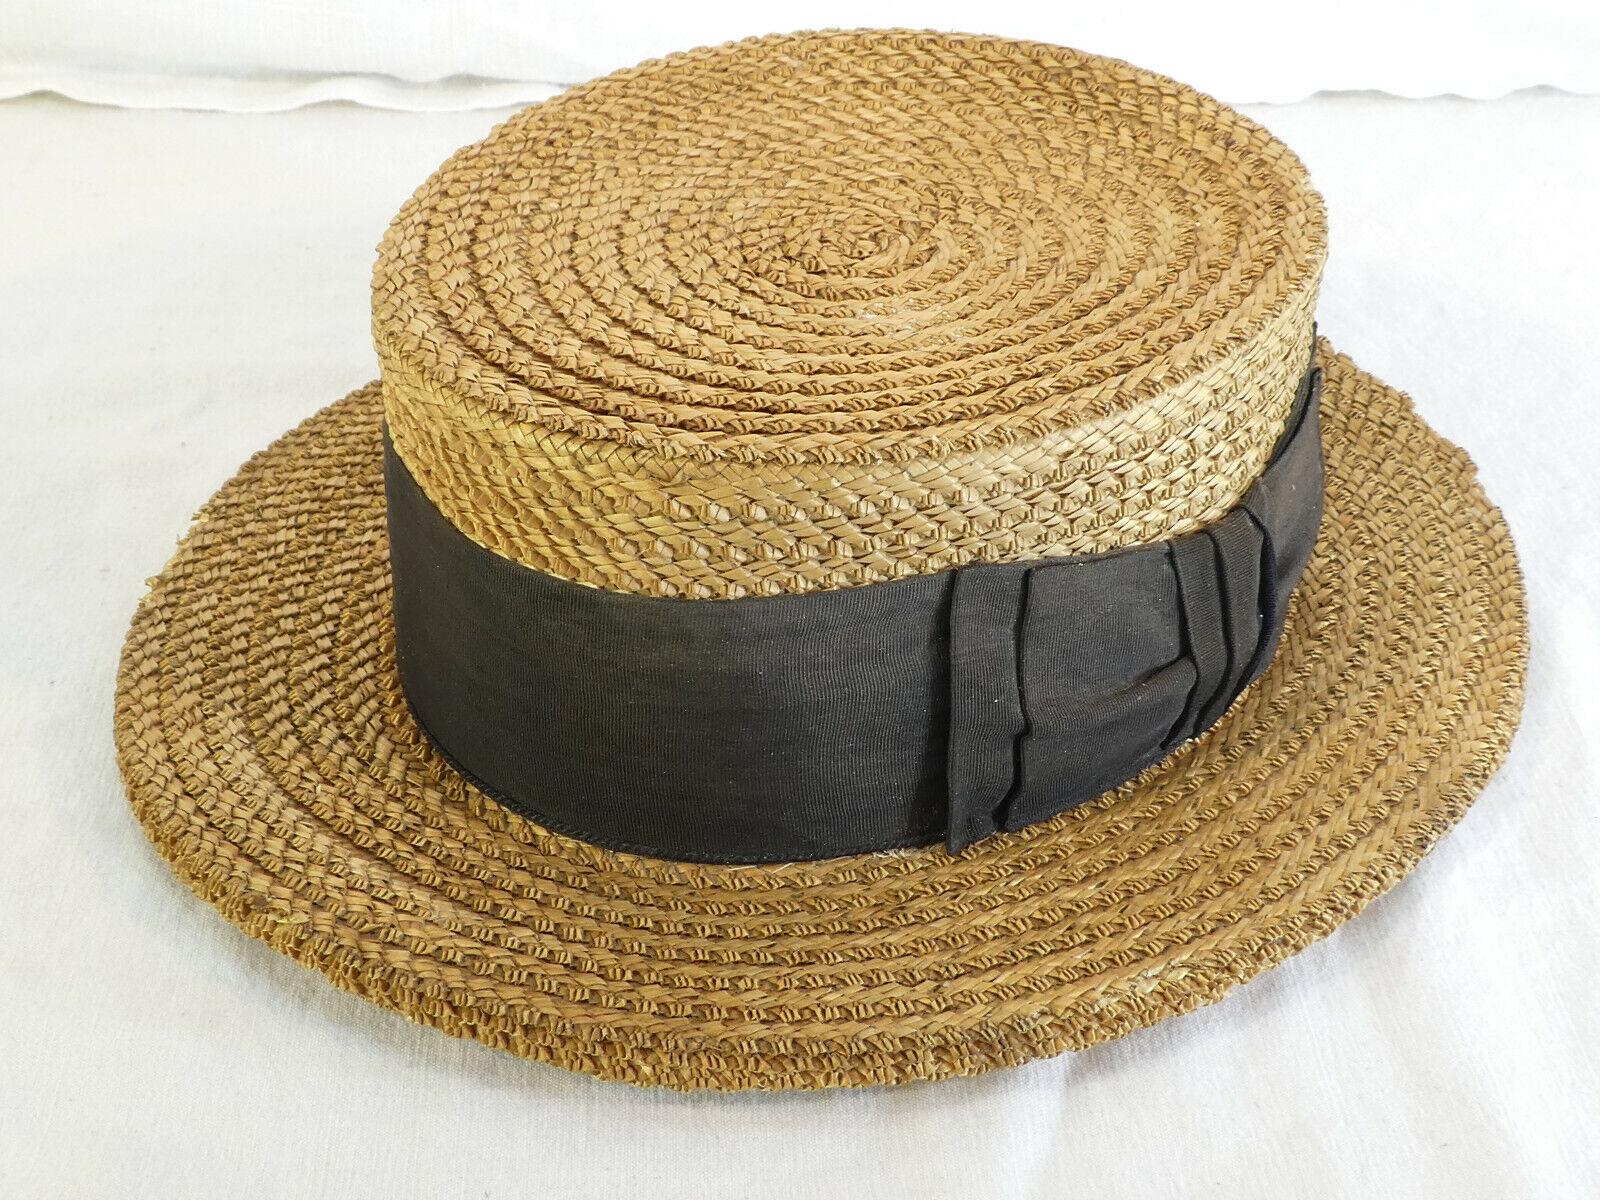 Ancien chapeau canotier en paille avec ruban